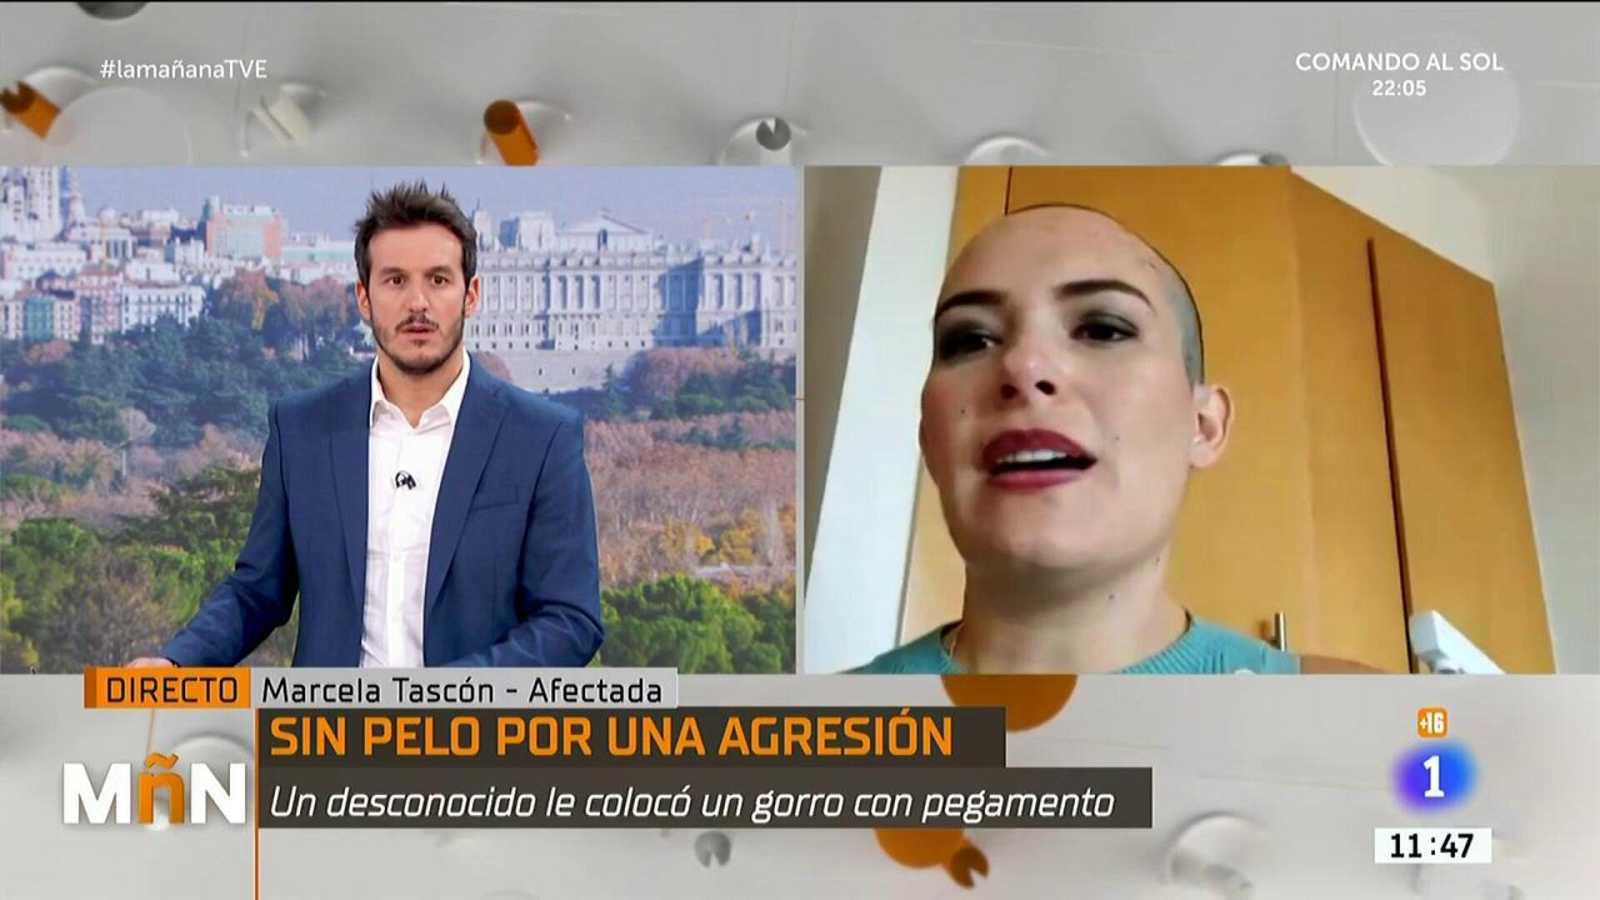 Agresión con pegamento en Valencia, donde una mujer se ha quedado sin pelo